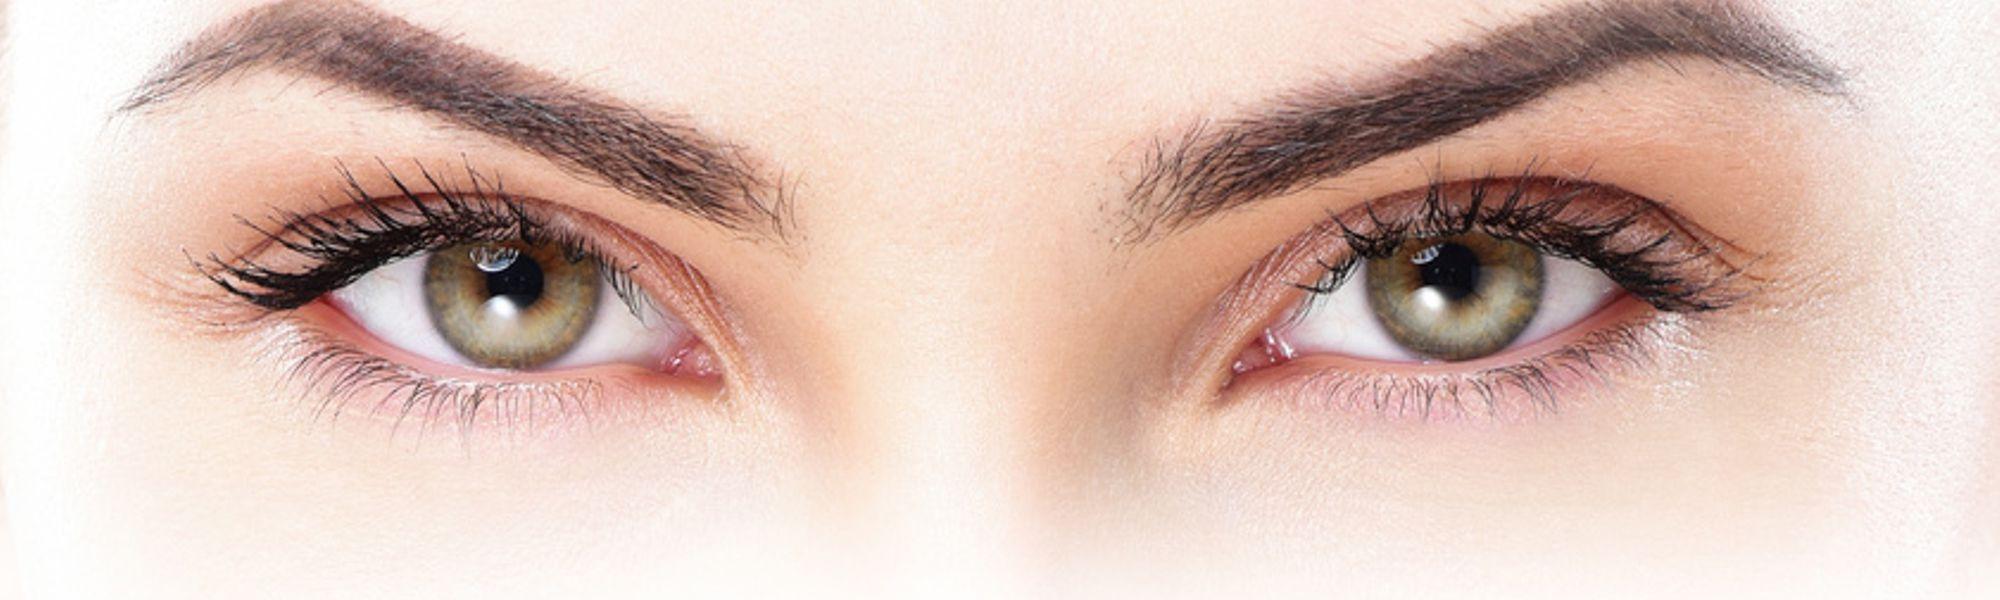 Kosmetik Augen